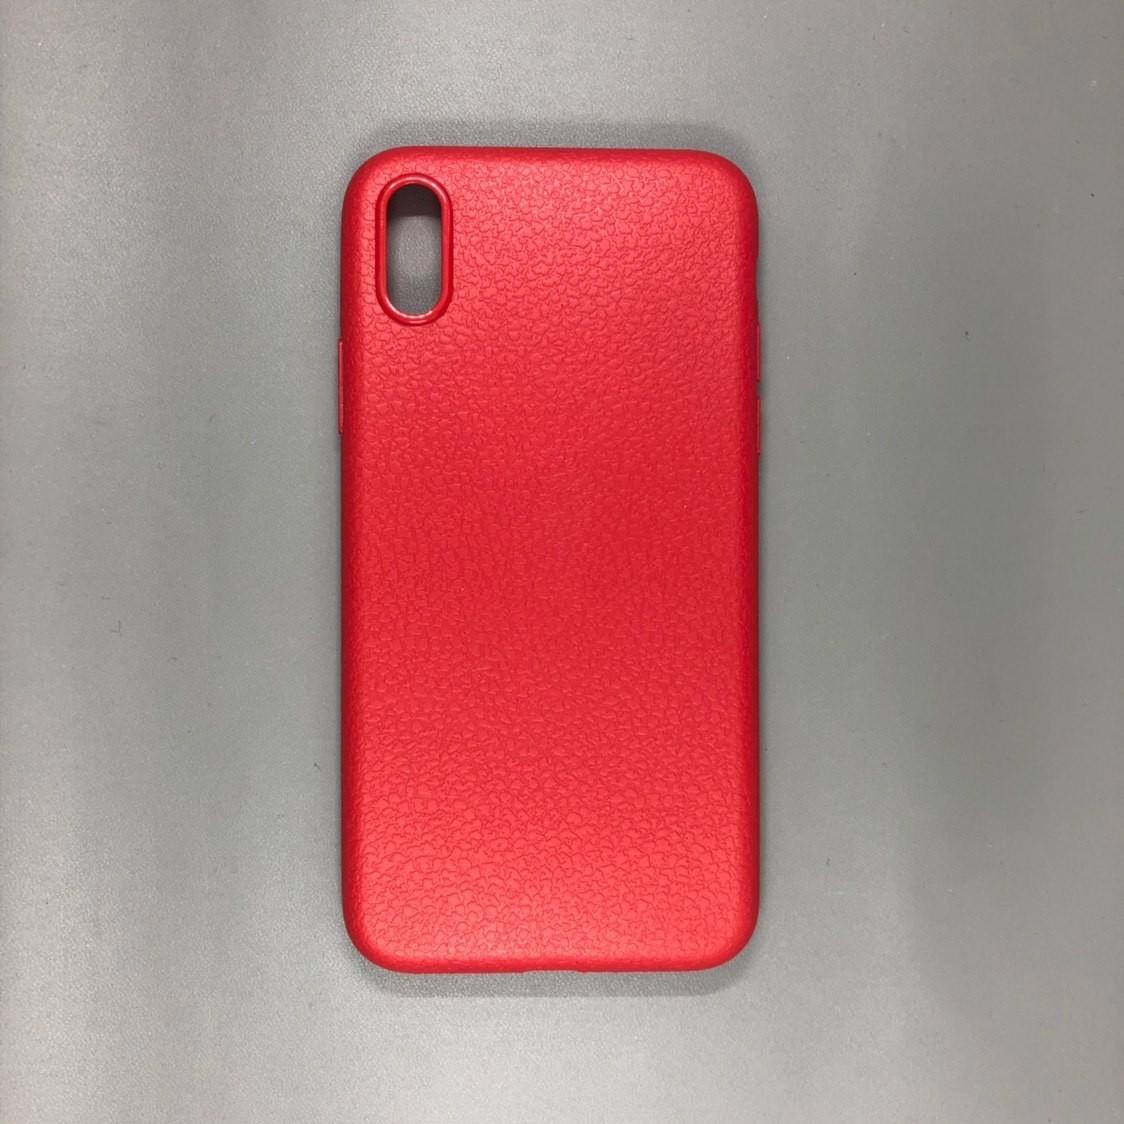 iPhone X Plastic Red